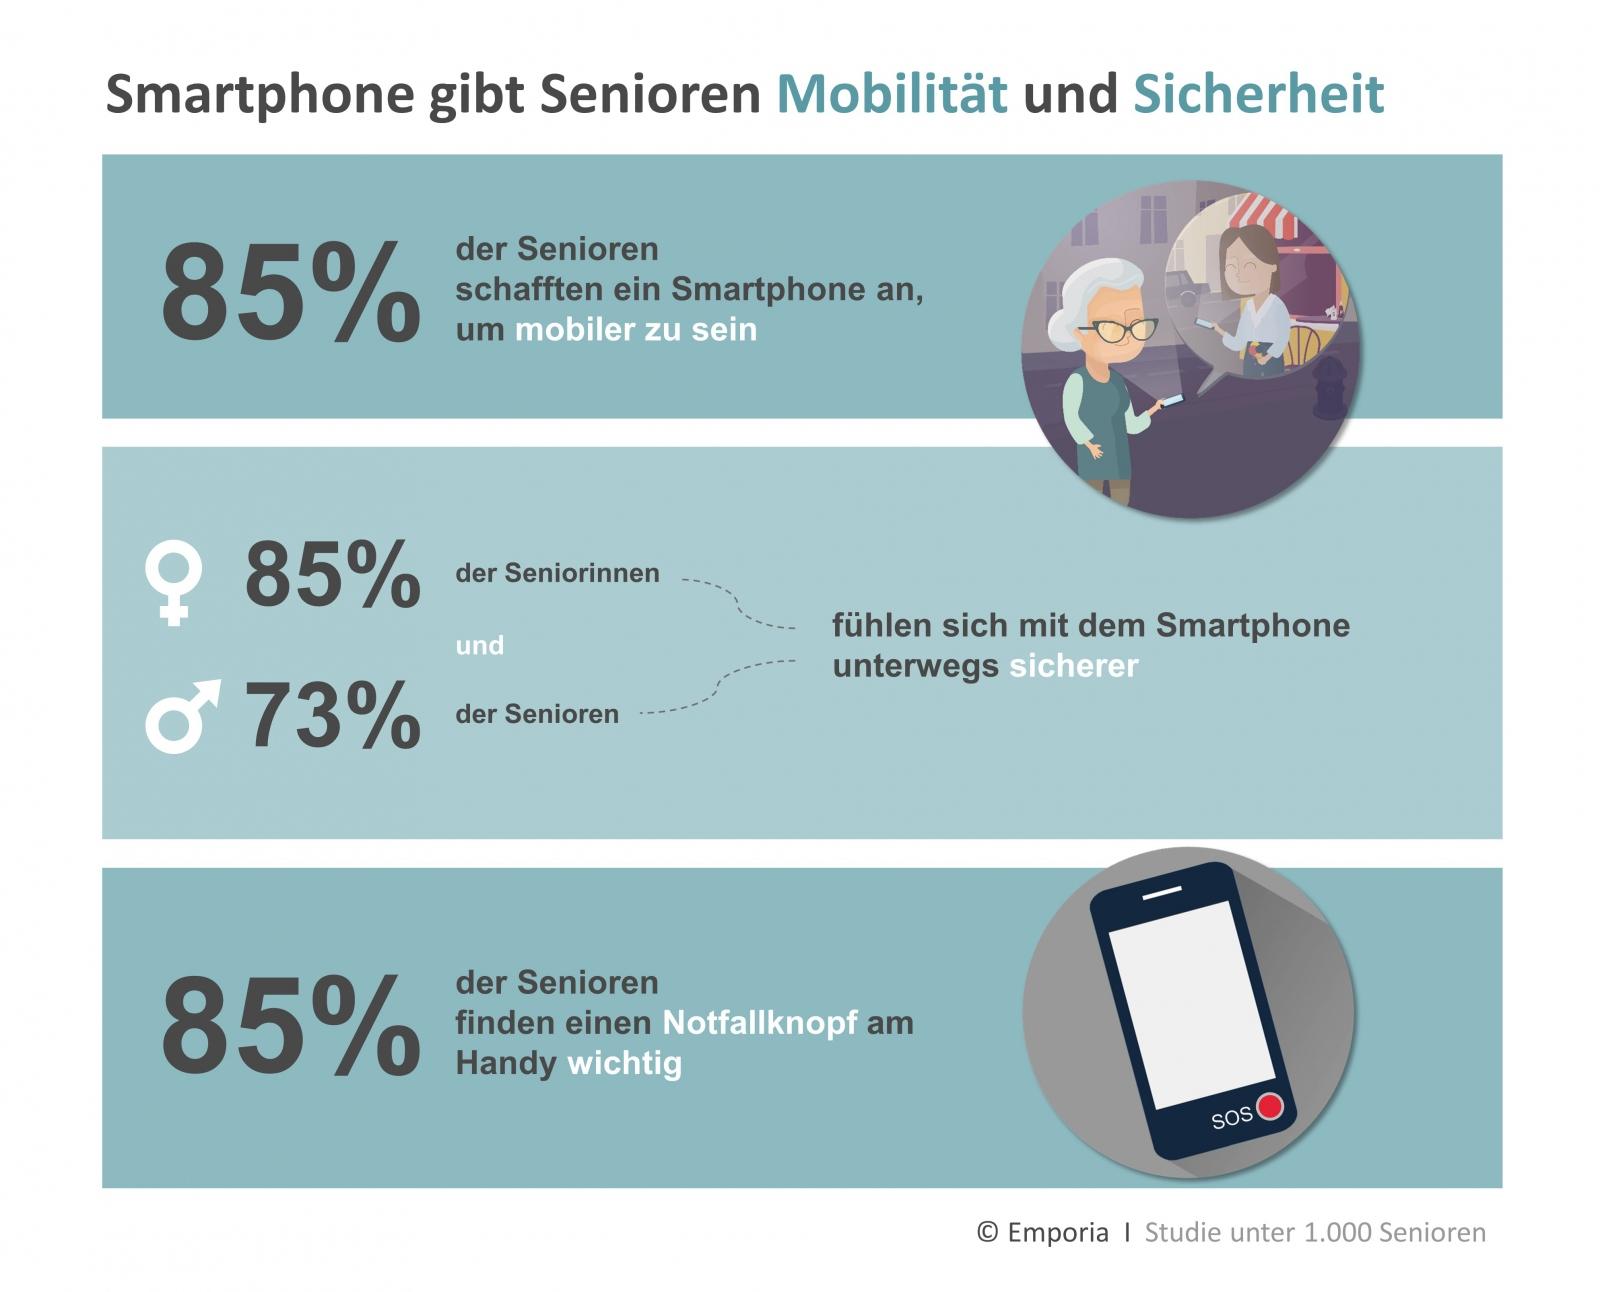 Smartphone gibt Senioren Mobilität und Sicherheit